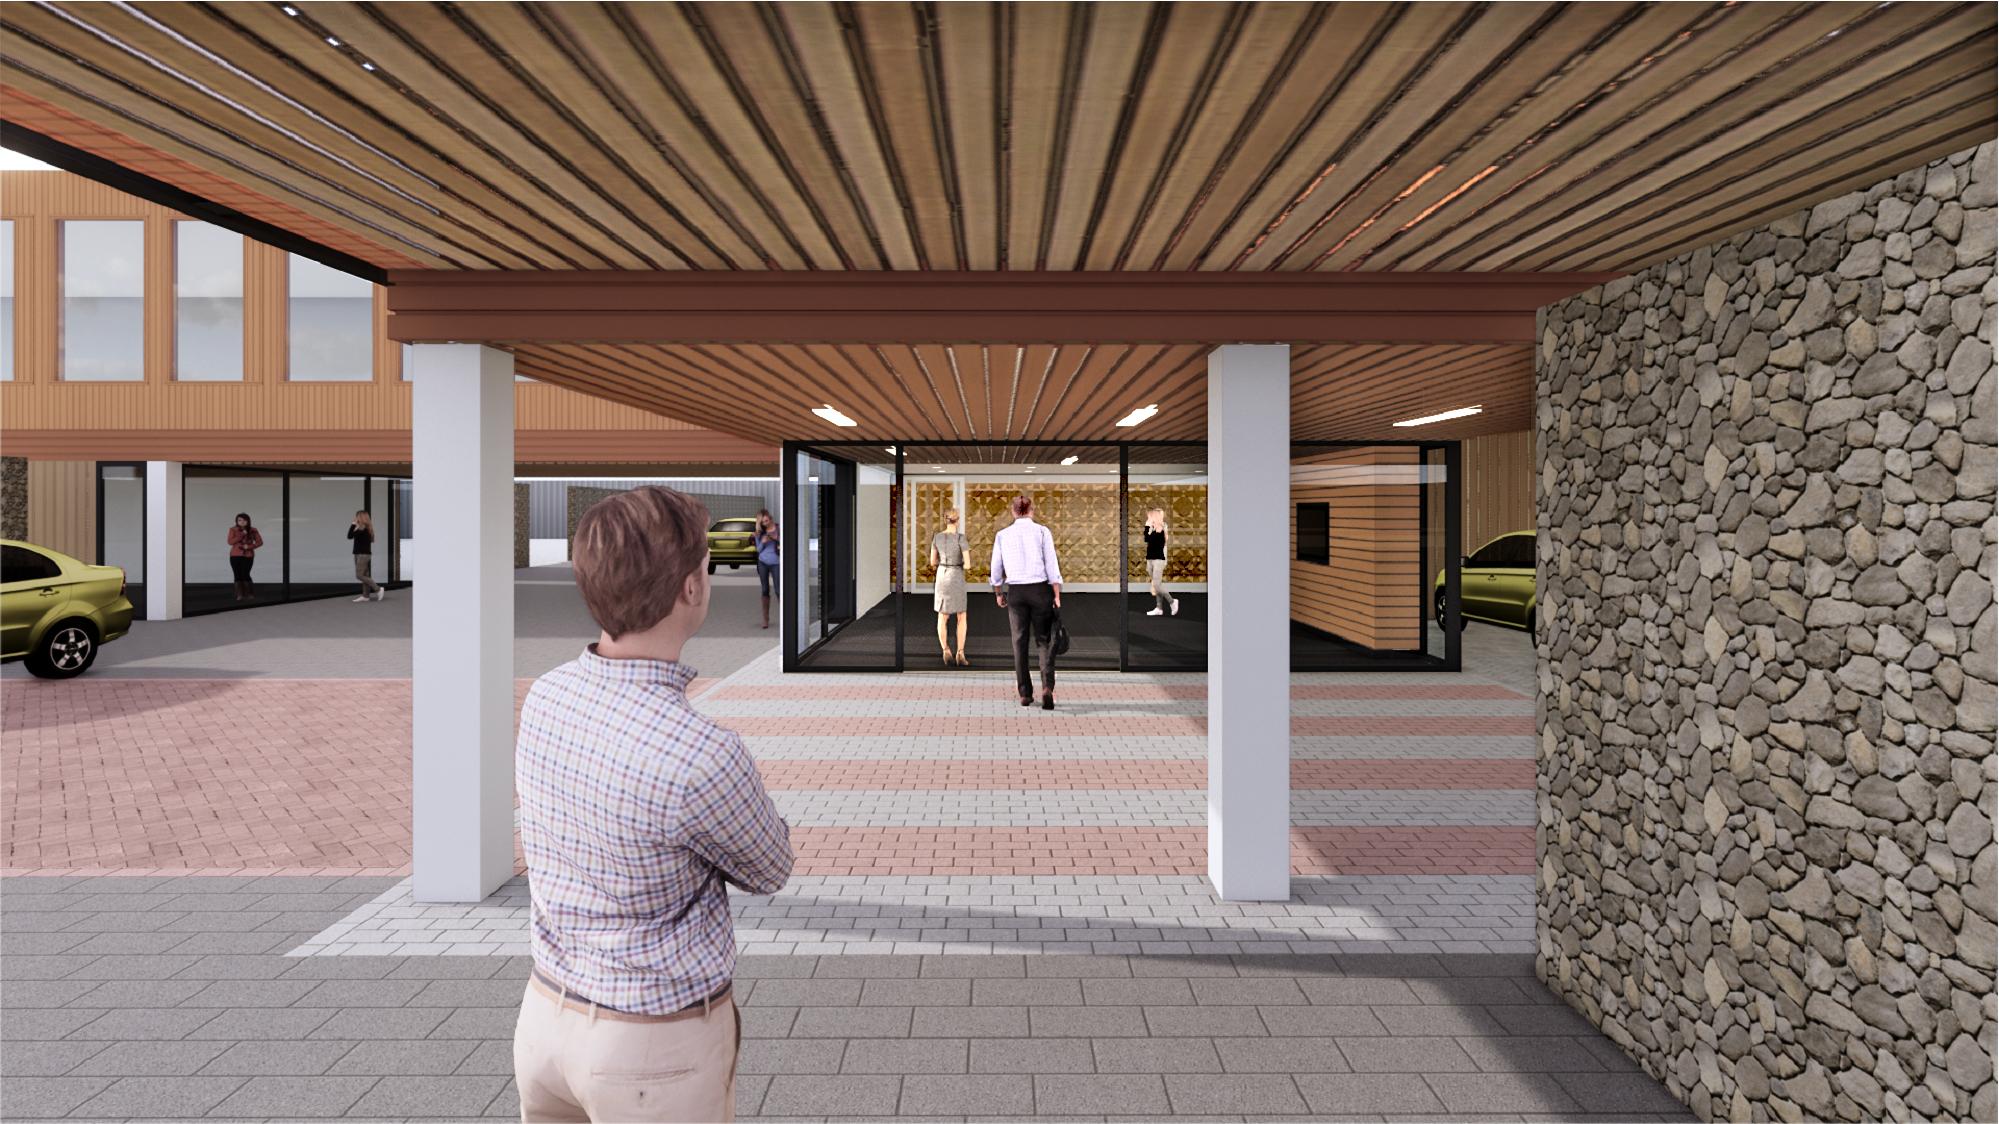 GebouwMaximus_BFAS_ArchitectuurDesign_Utrecht1.jpg